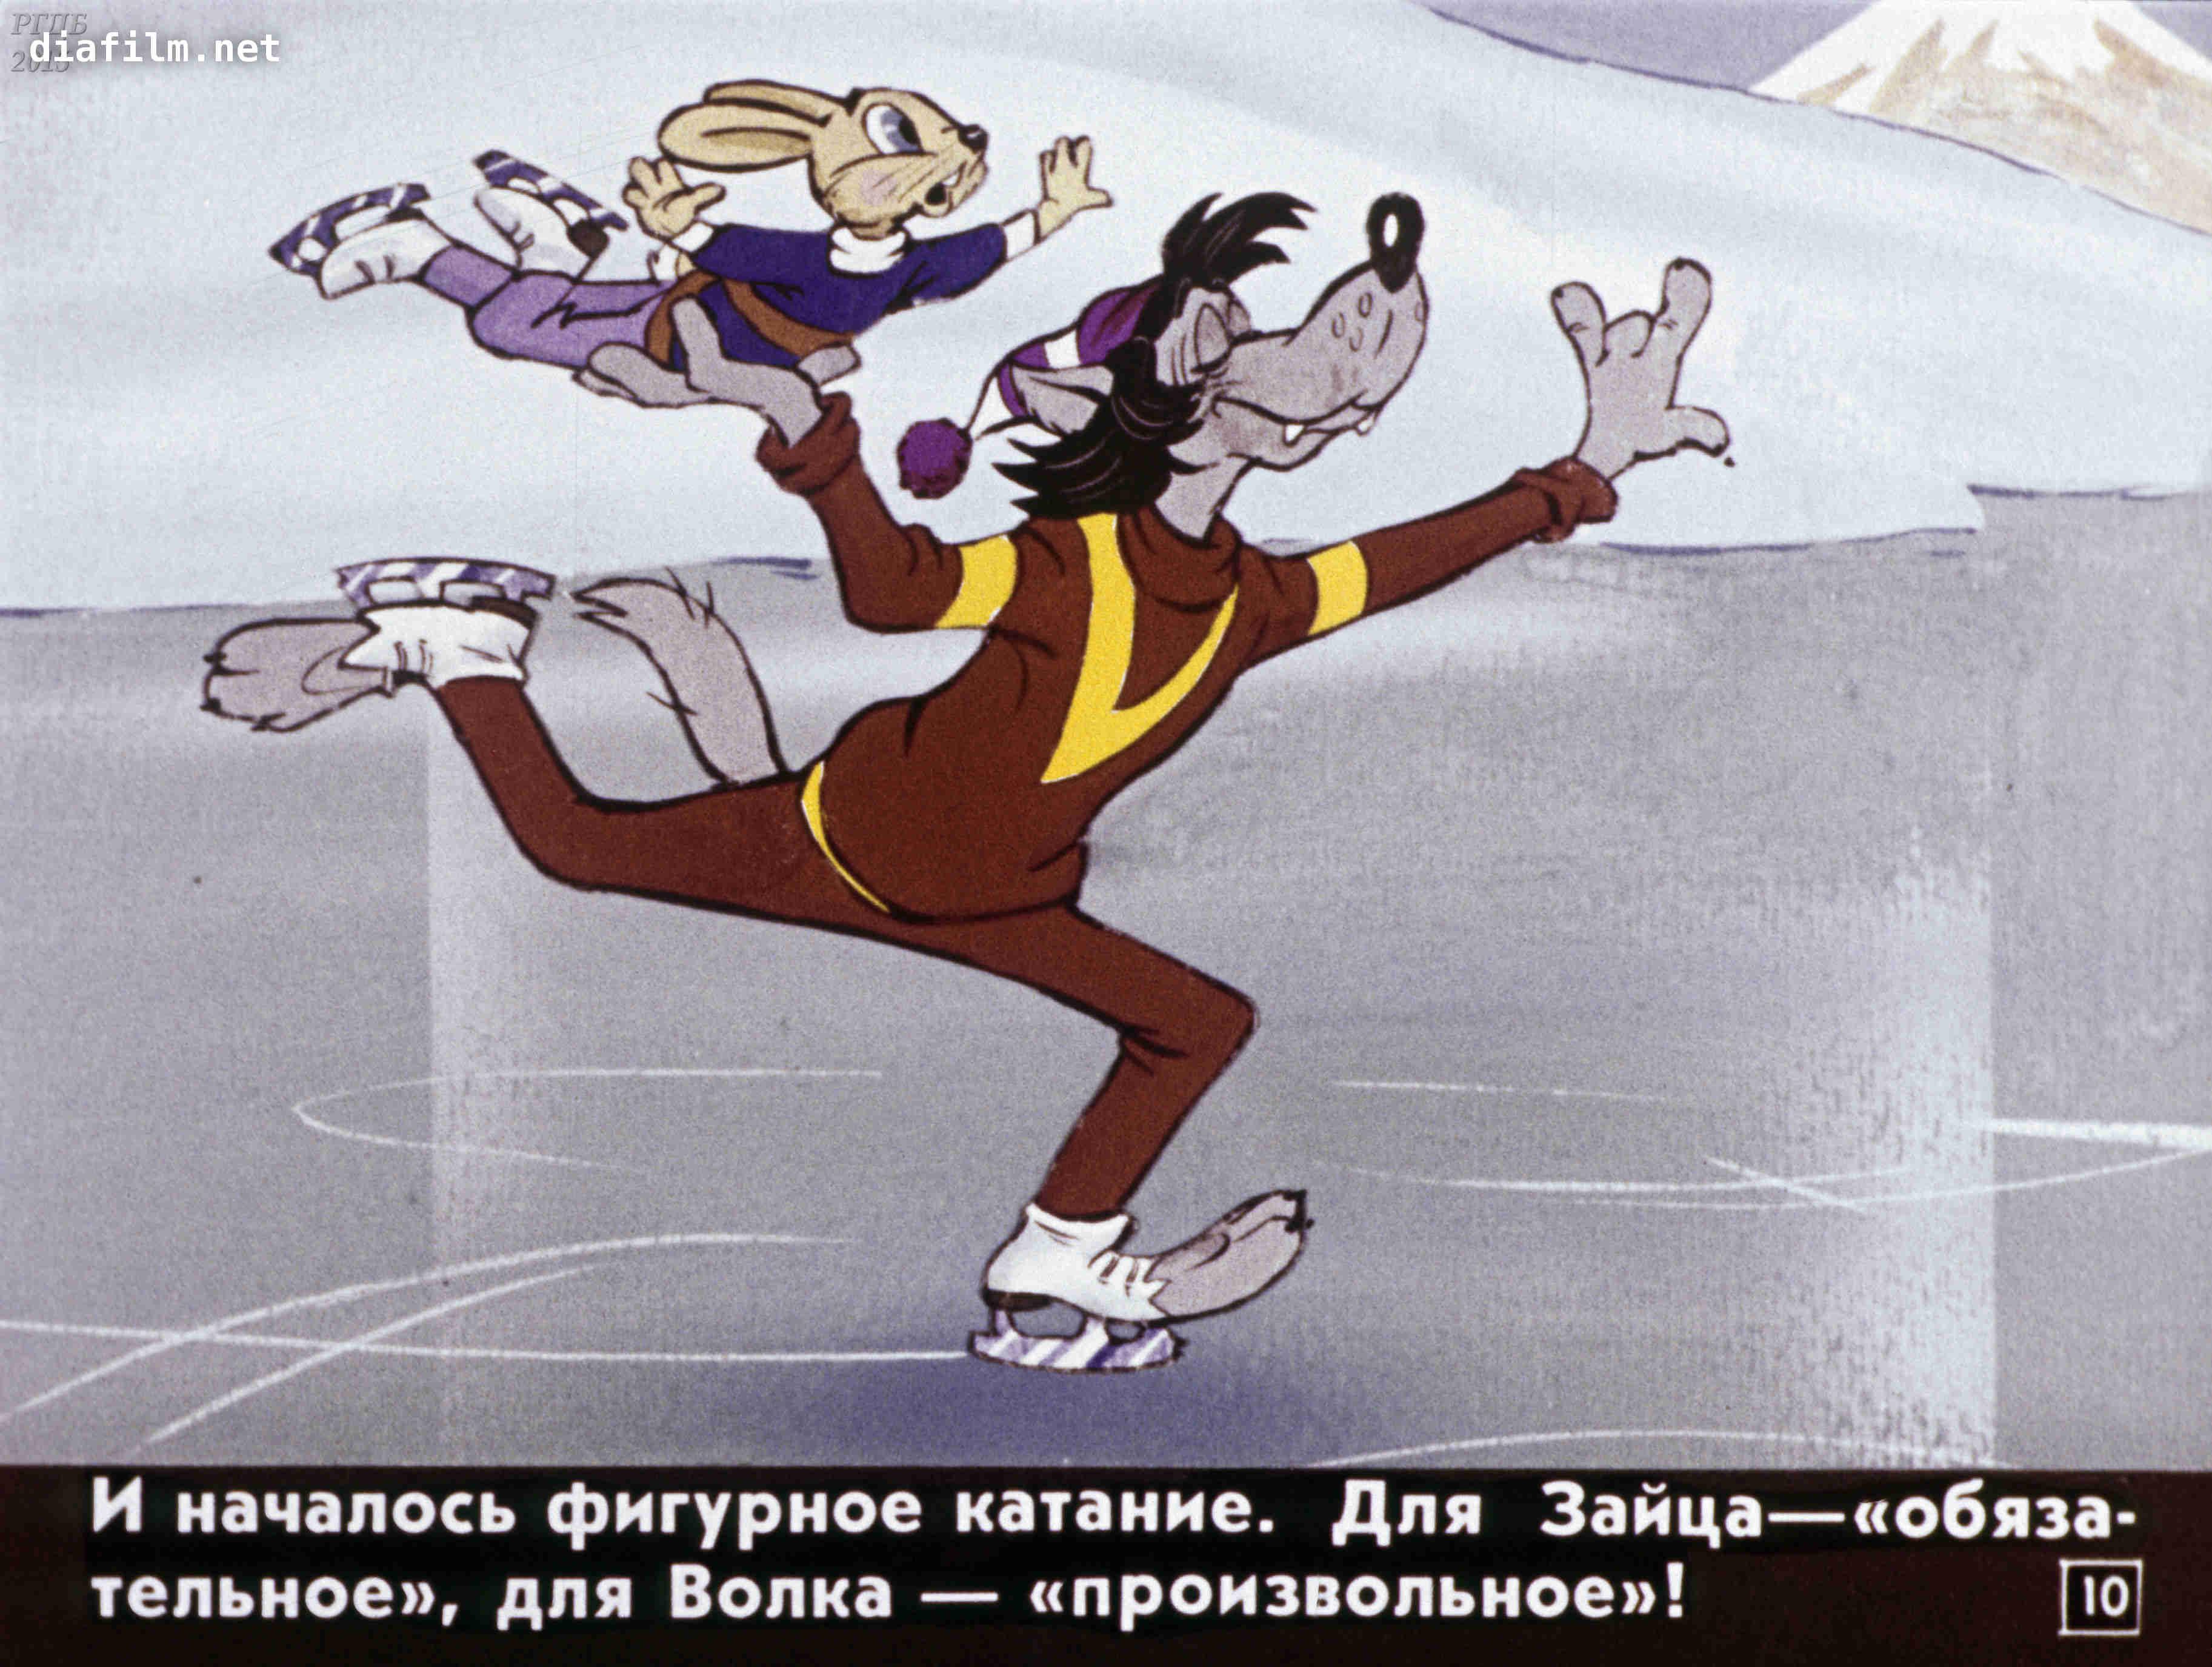 картинка волка на коньках йоханссон другие селебрити